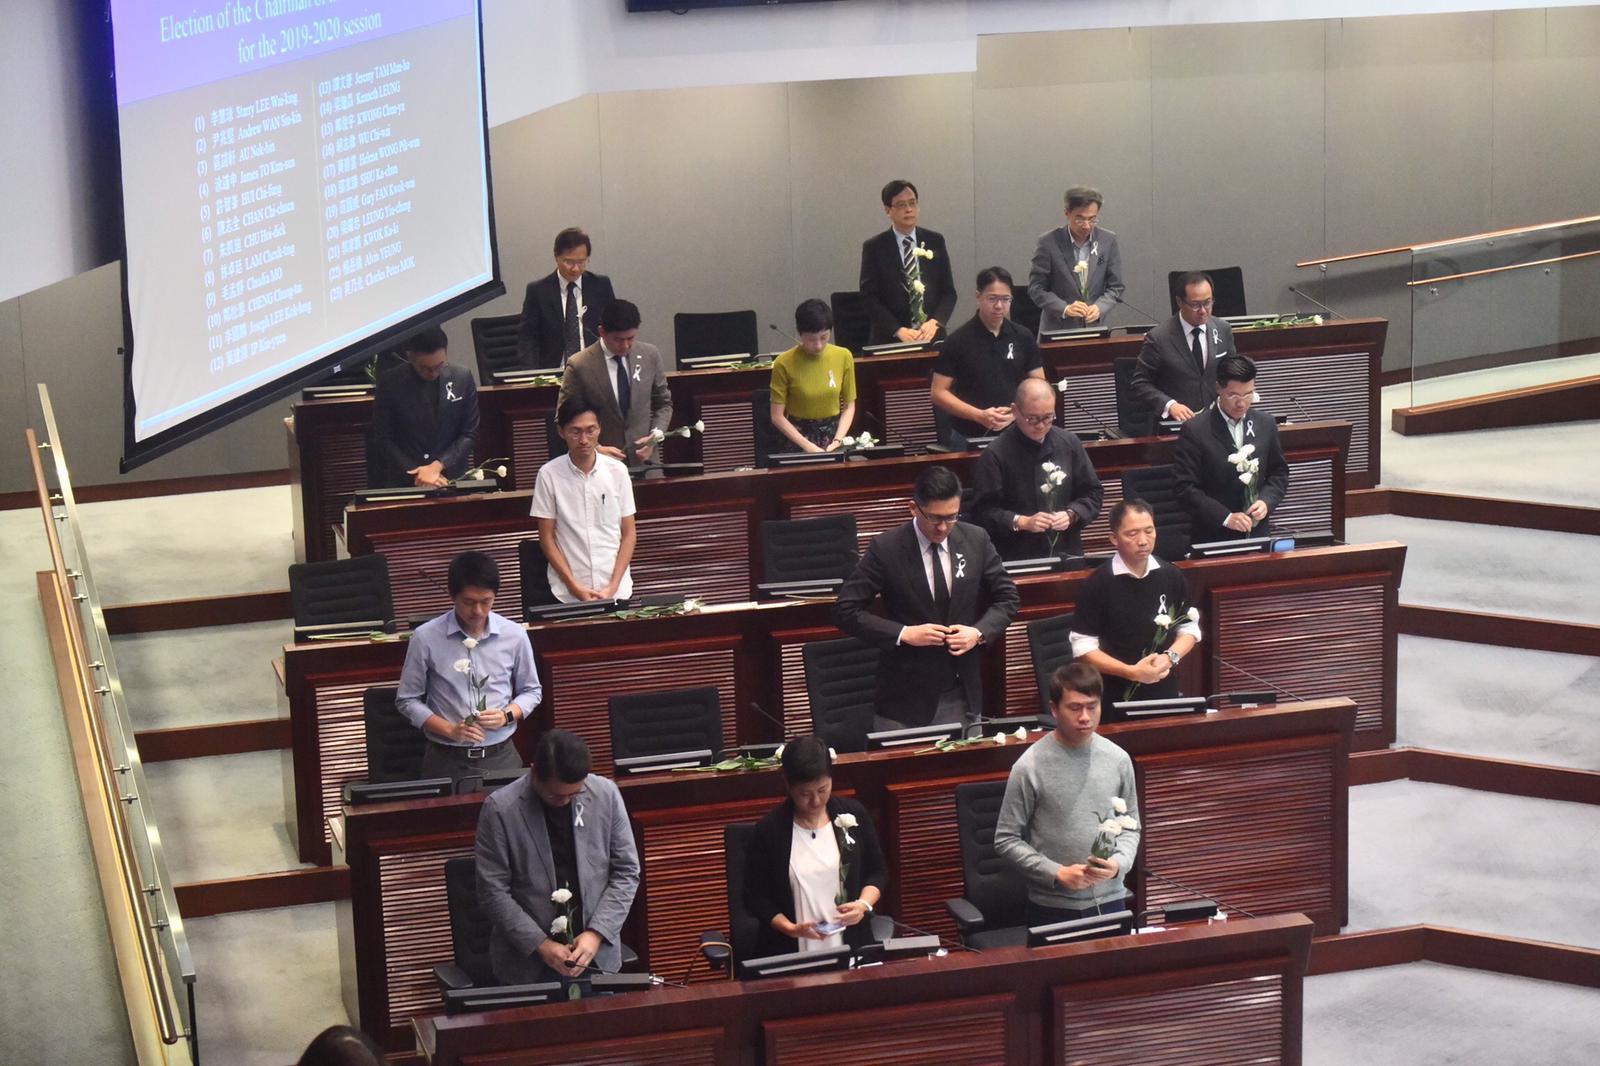 立法會議員默哀悼念周梓樂。